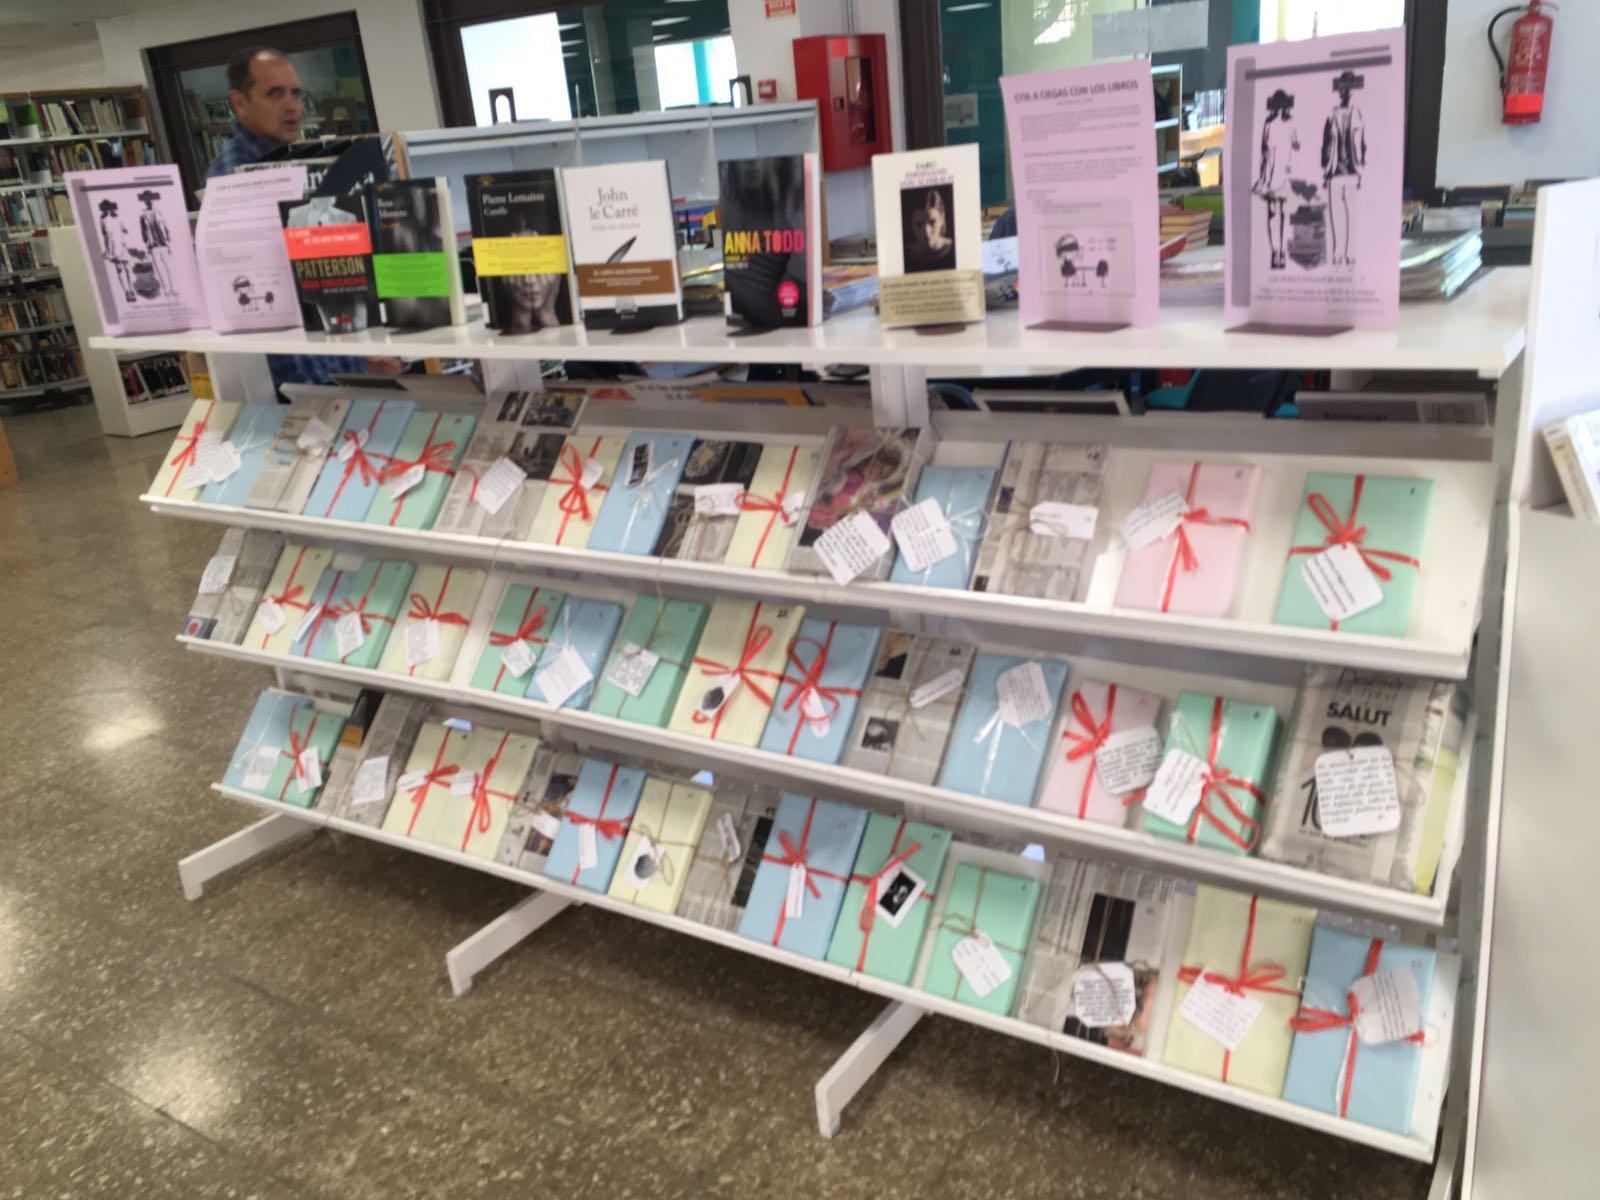 Además, la Biblioteca publica su habitual guía de libros y películas relacionados con la navidad y continúa su labor de animación lectora dirigida a los más pequeños.